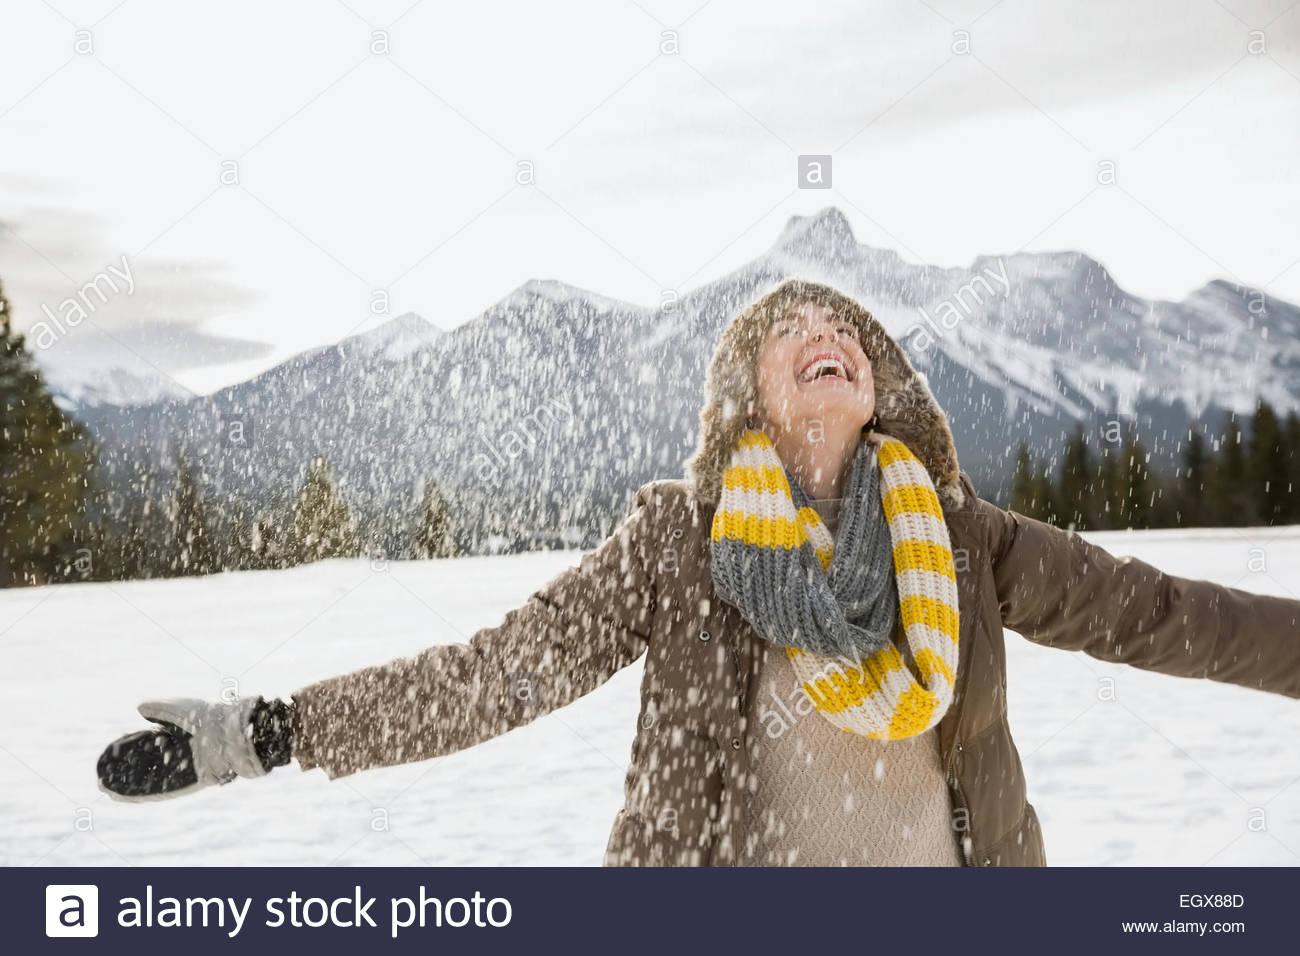 Schnee fällt um üppige Frau mit ausgestreckten Armen Stockbild